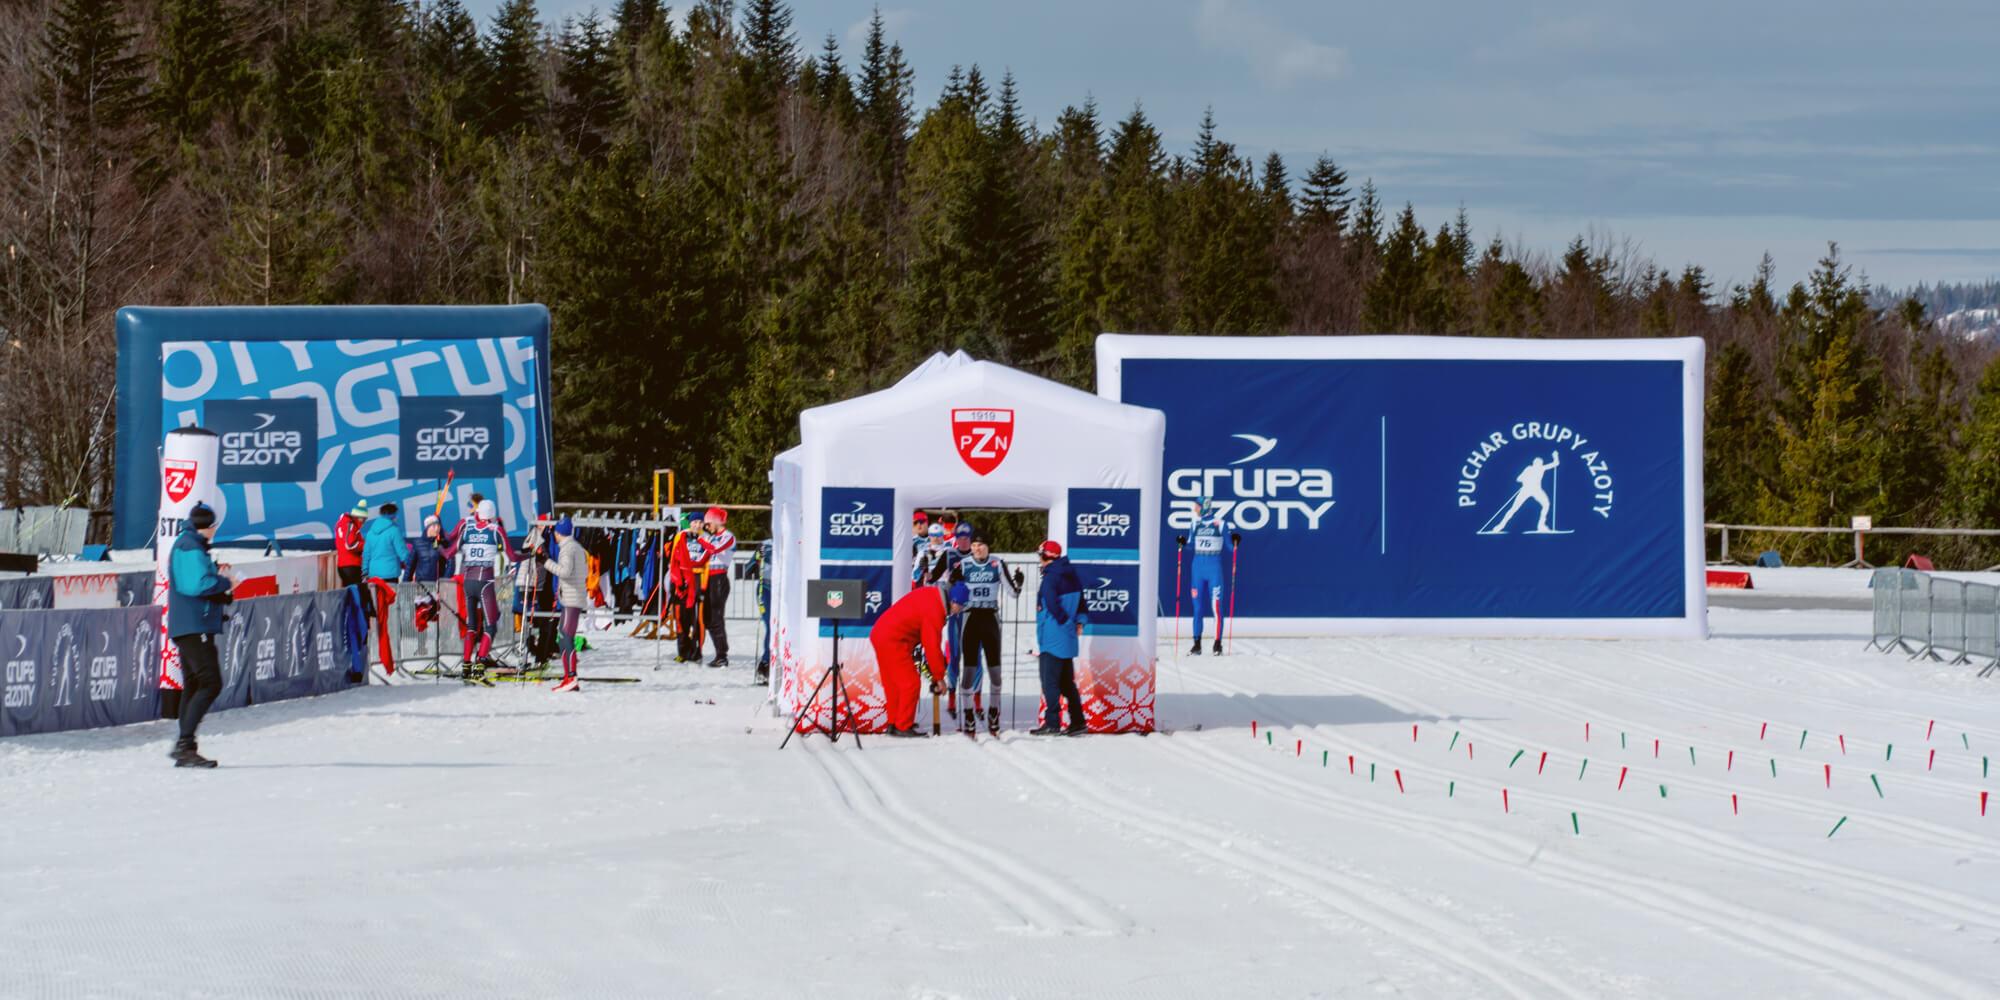 Mobilne dmuchane billbordy podczas pucharu biegów narciarskich